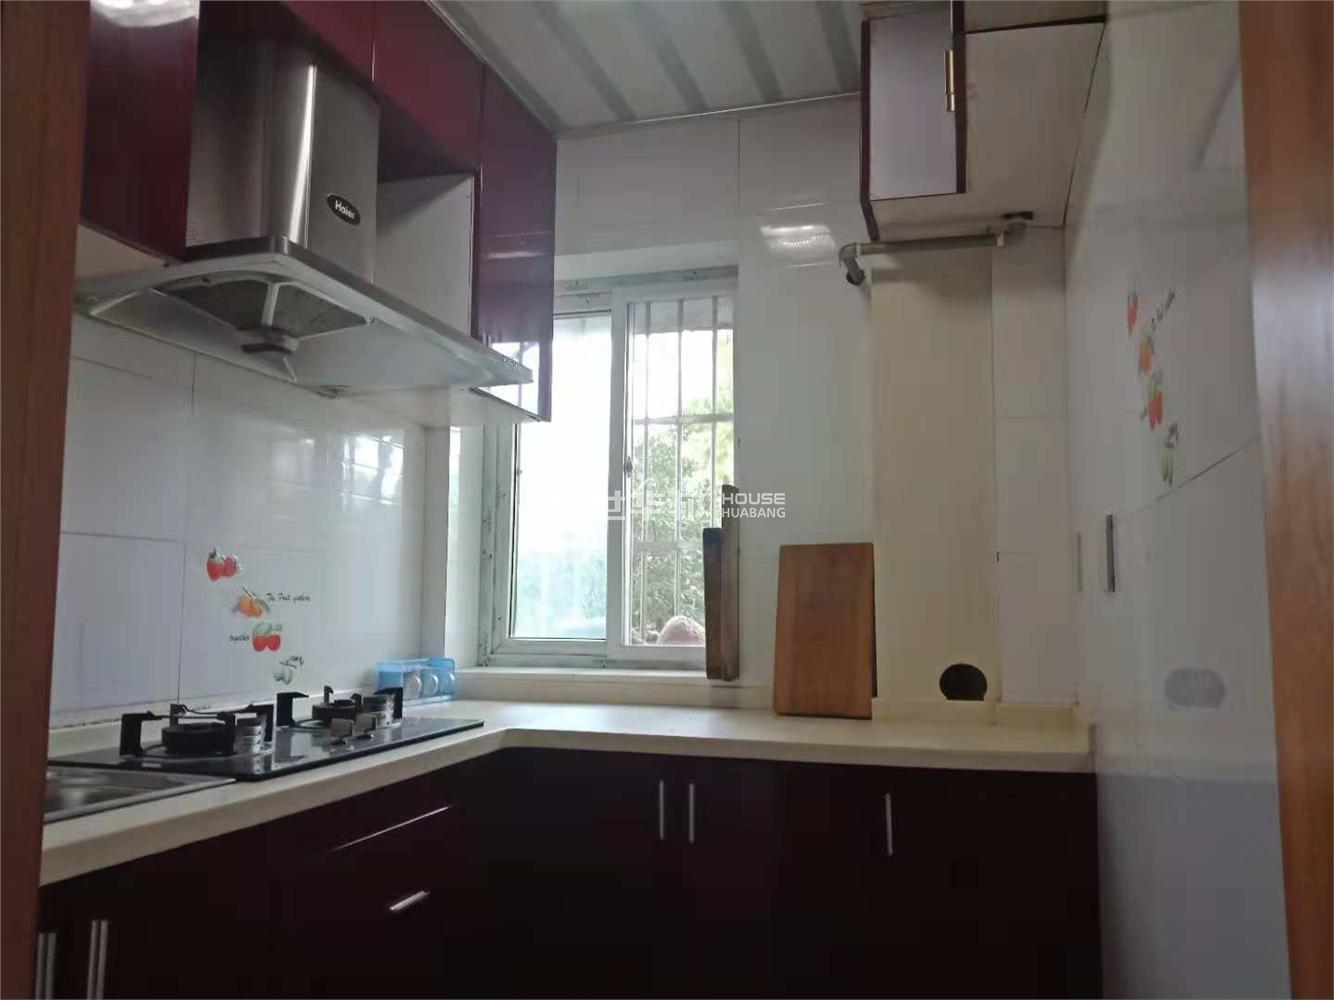 杭钢南苑出租房-厨房